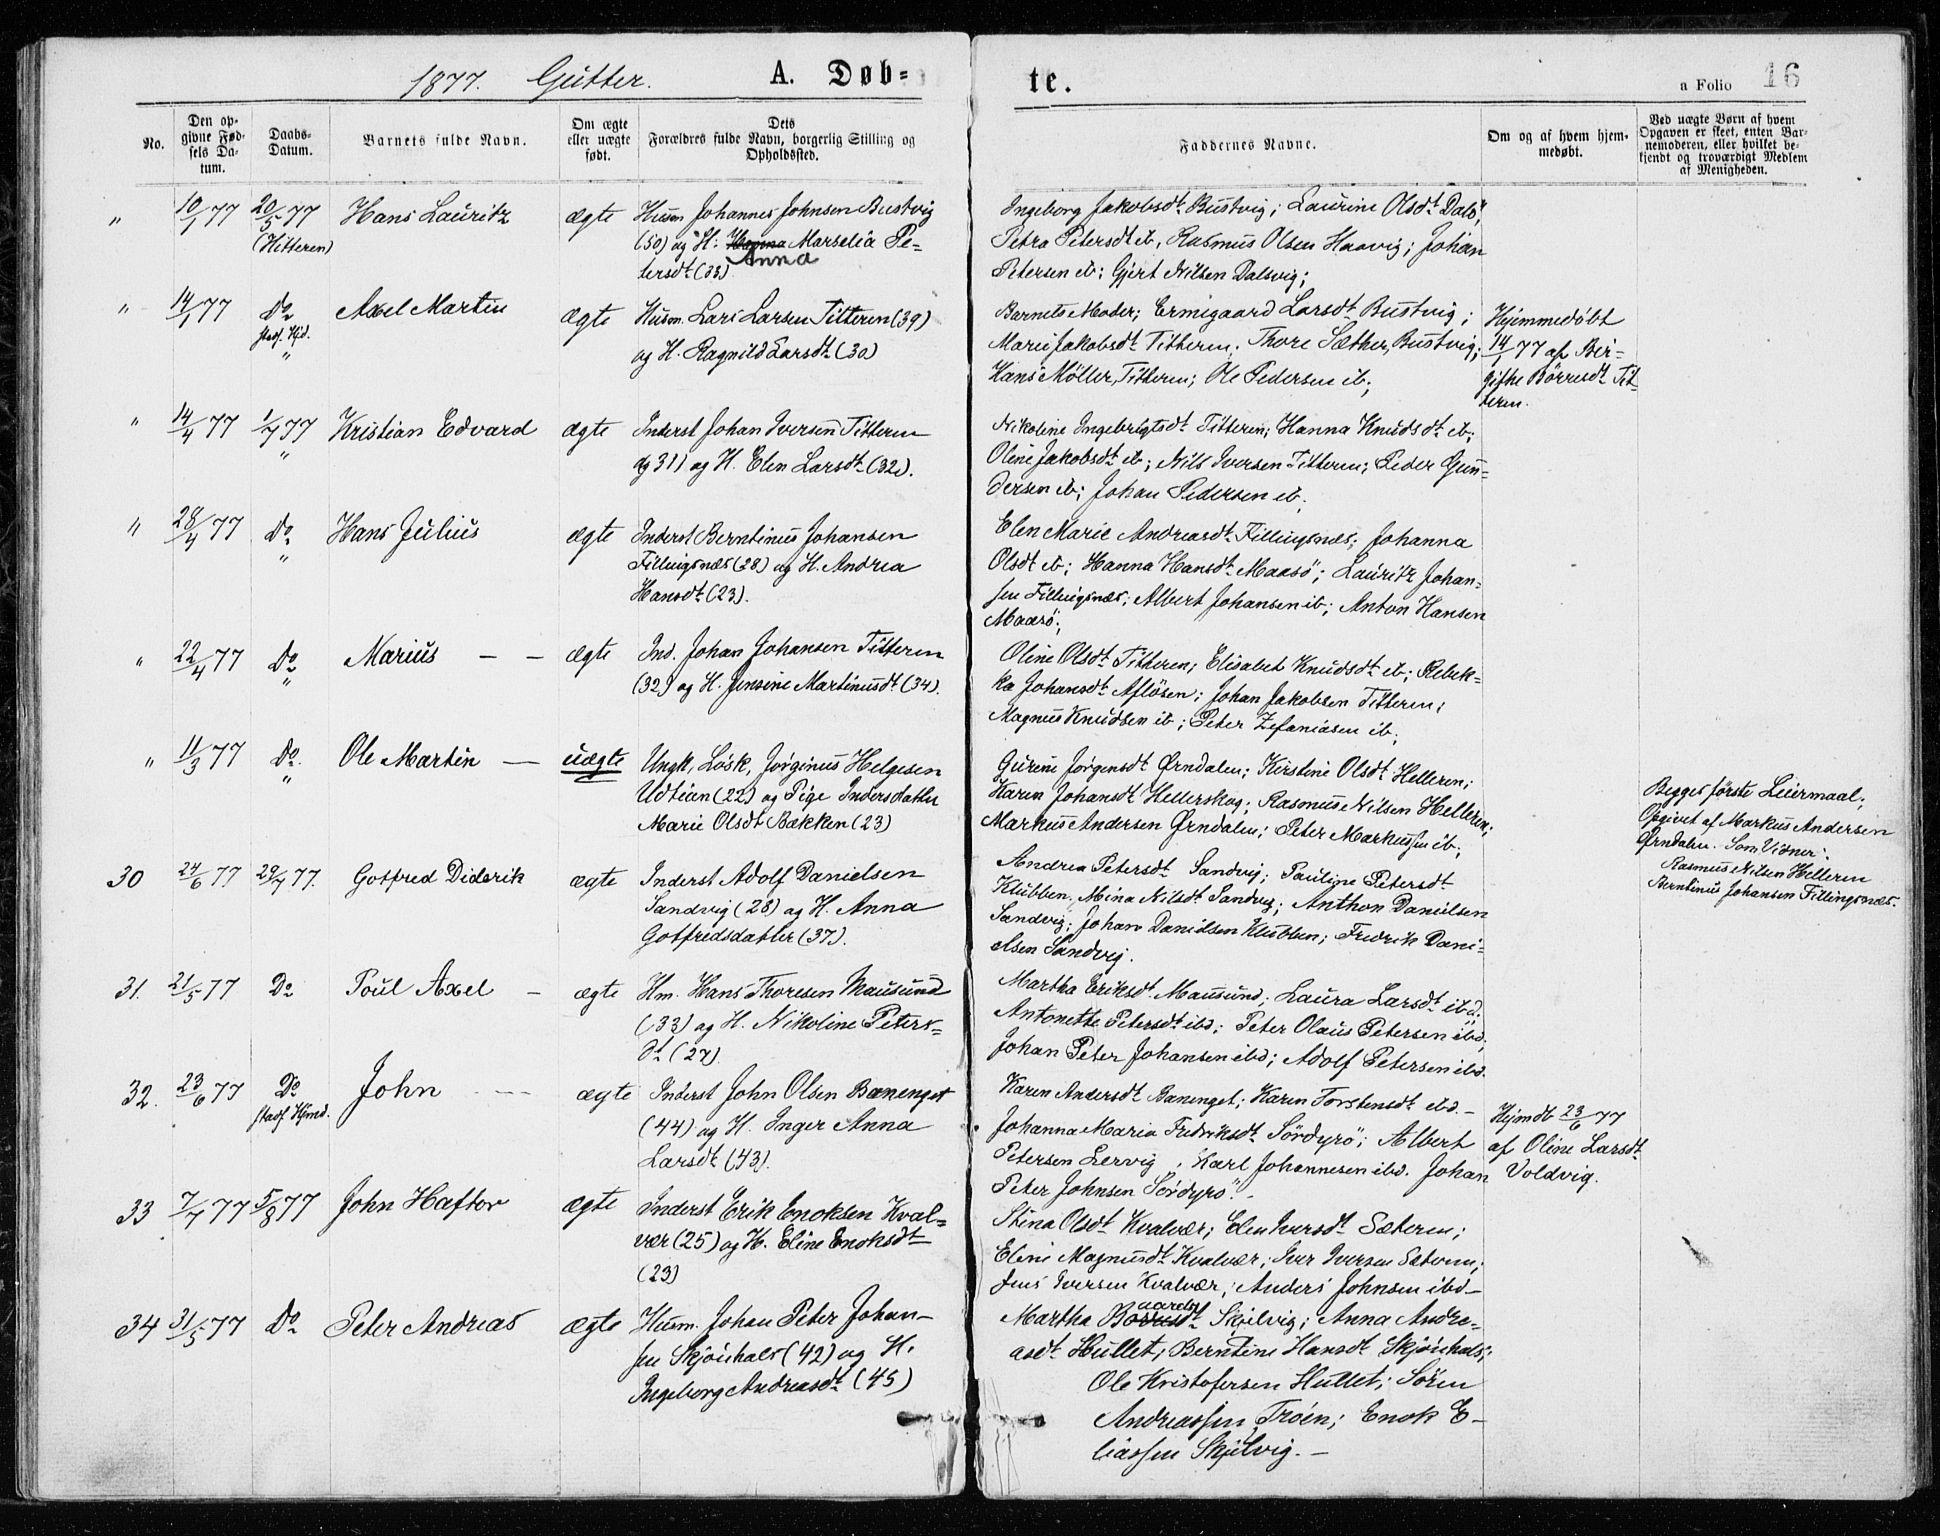 SAT, Ministerialprotokoller, klokkerbøker og fødselsregistre - Sør-Trøndelag, 640/L0577: Ministerialbok nr. 640A02, 1877-1878, s. 16